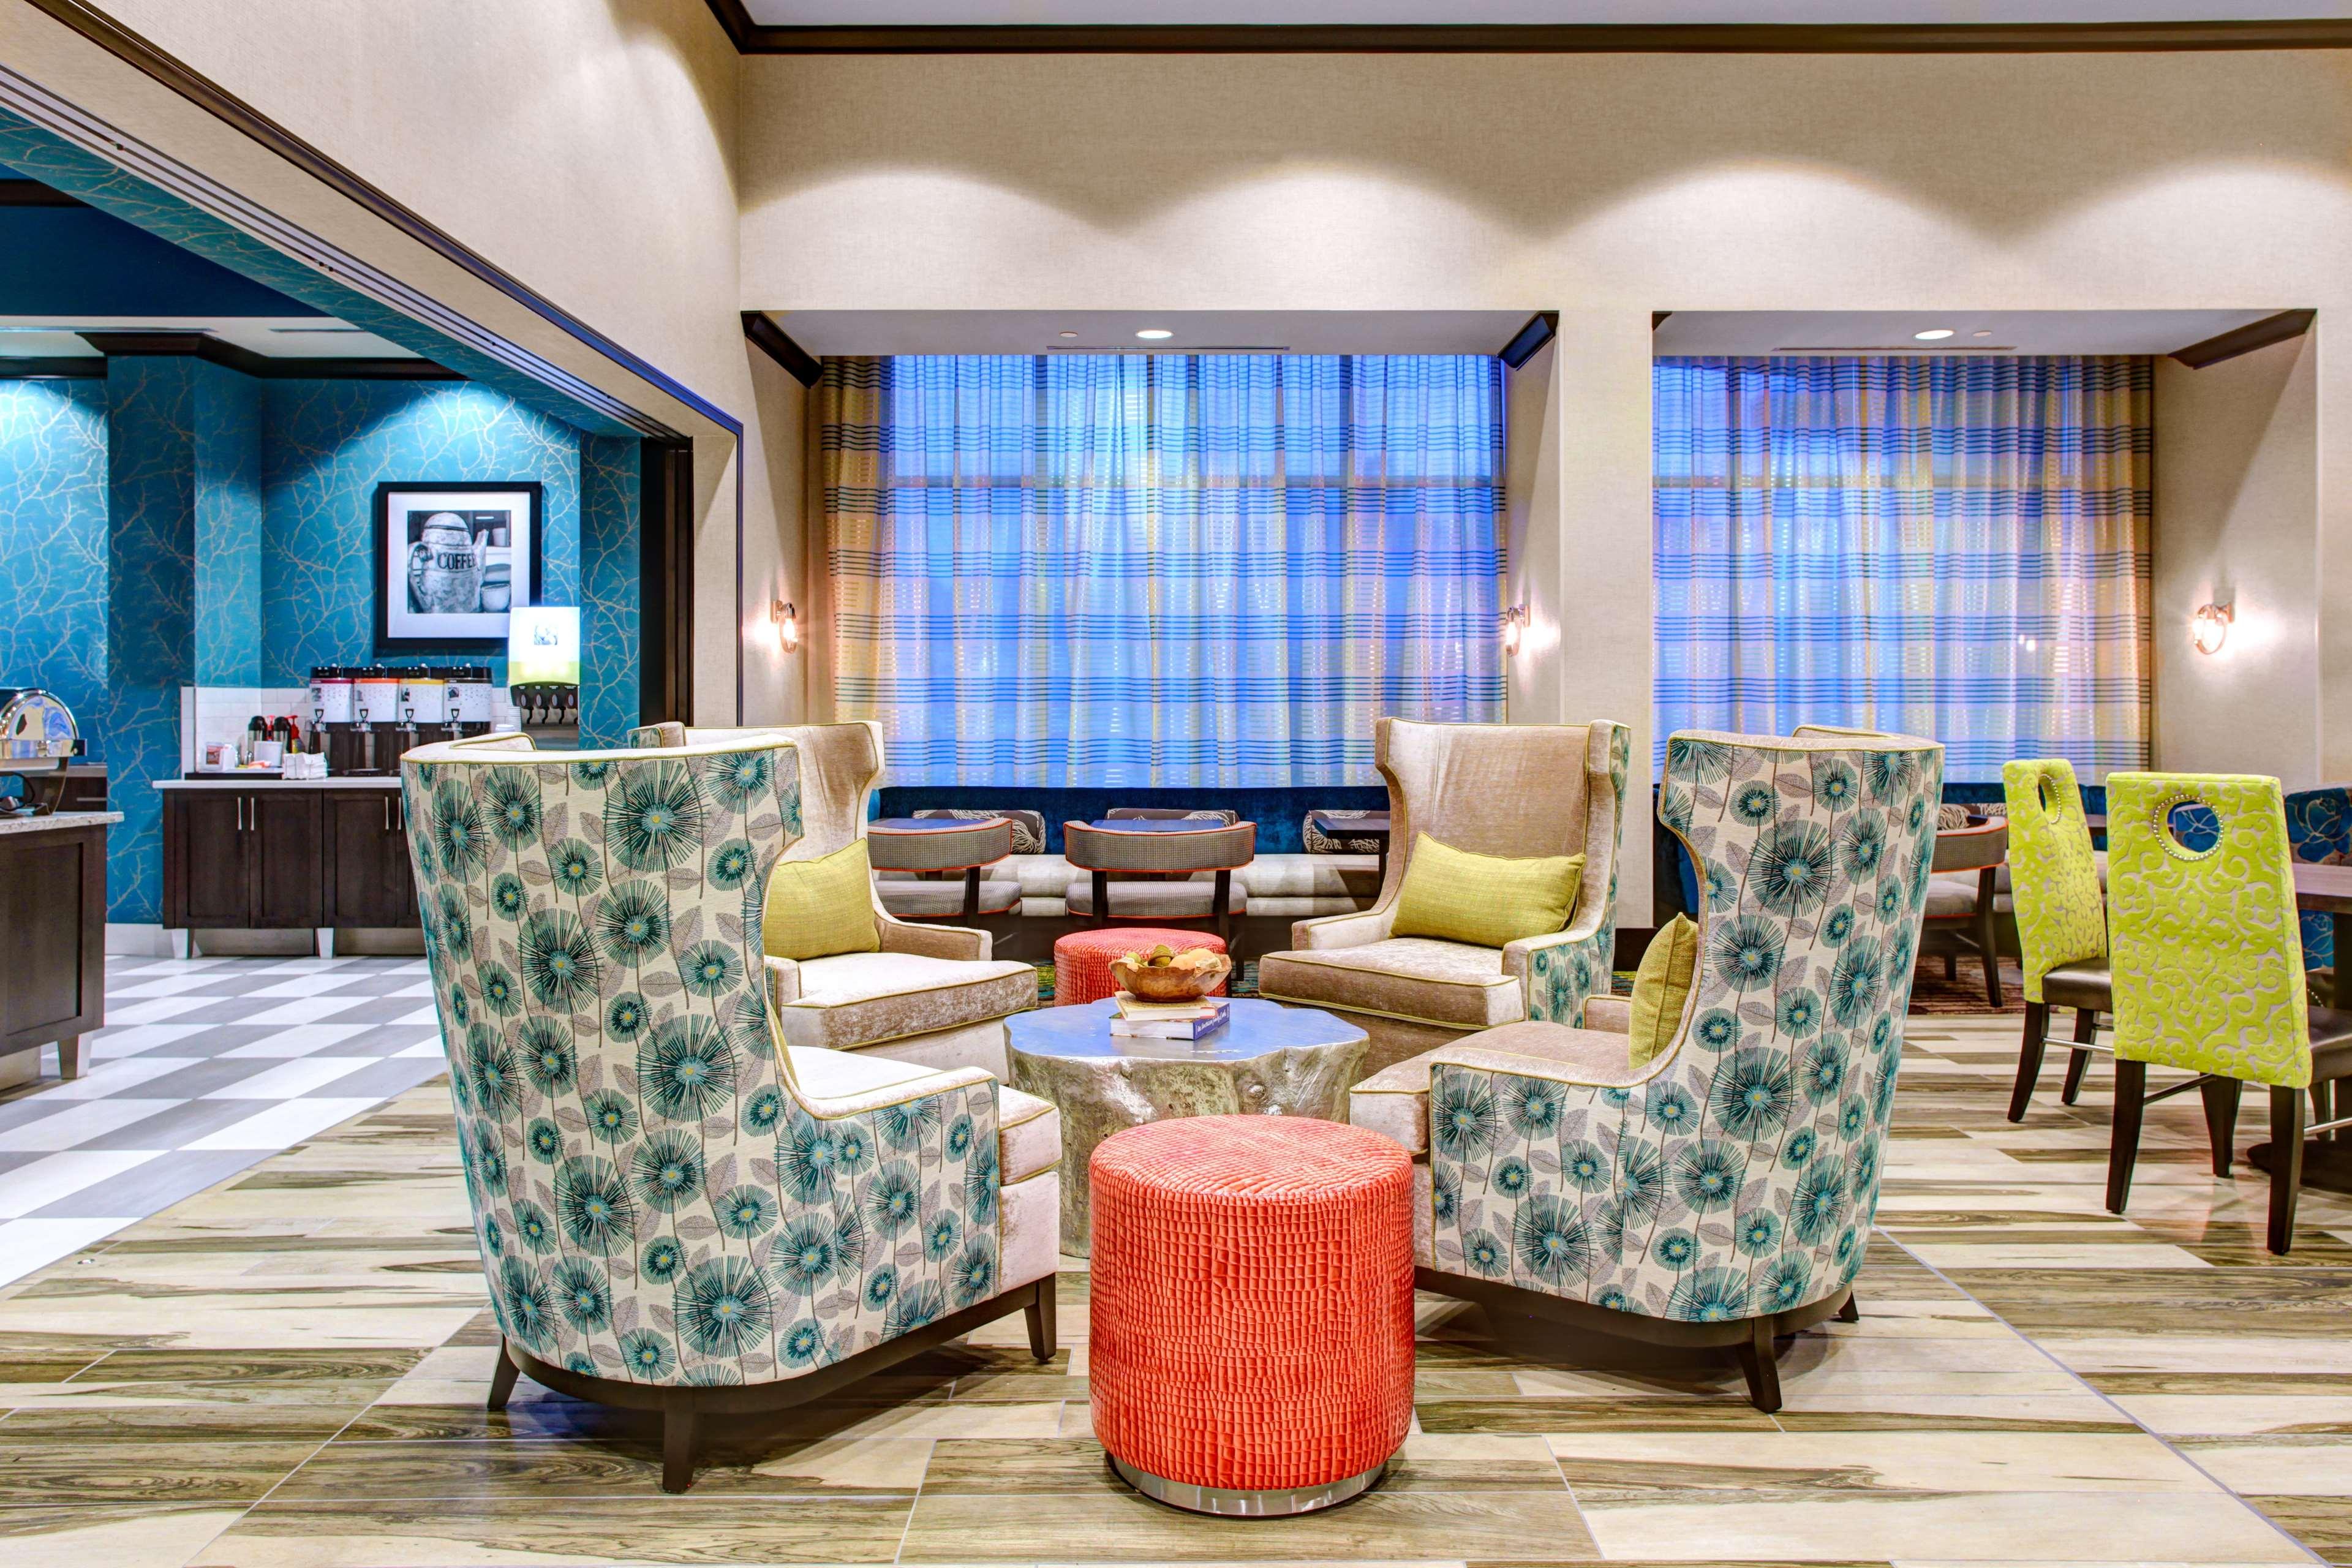 Hampton Inn & Suites by Hilton Atlanta Perimeter Dunwoody image 3